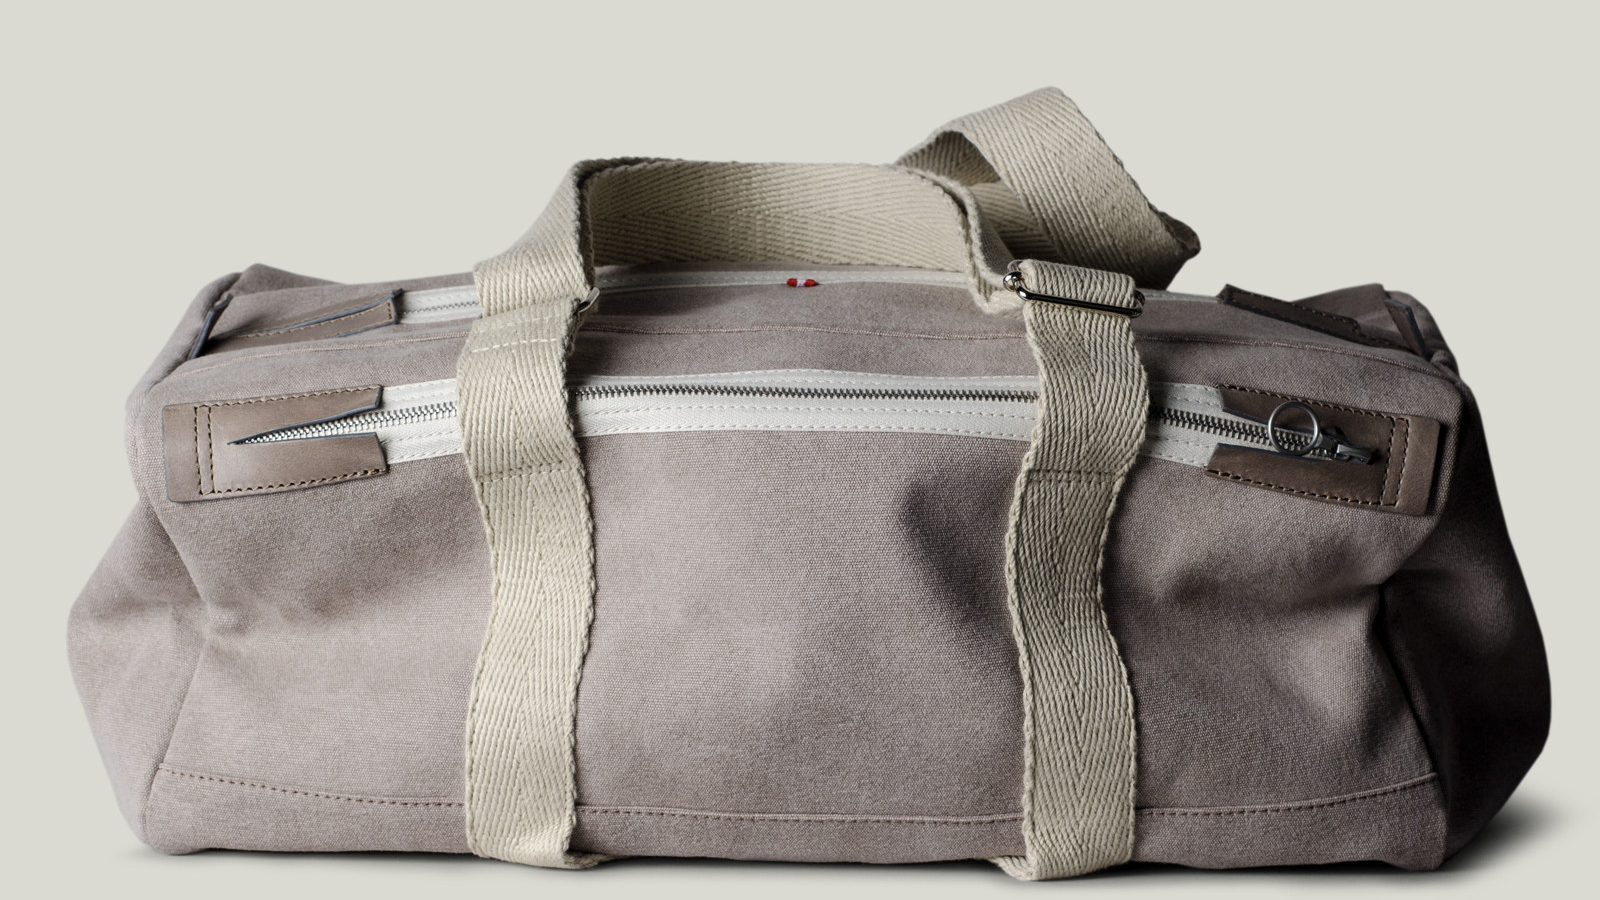 Hardgraft Game Gym Bag Off Grey